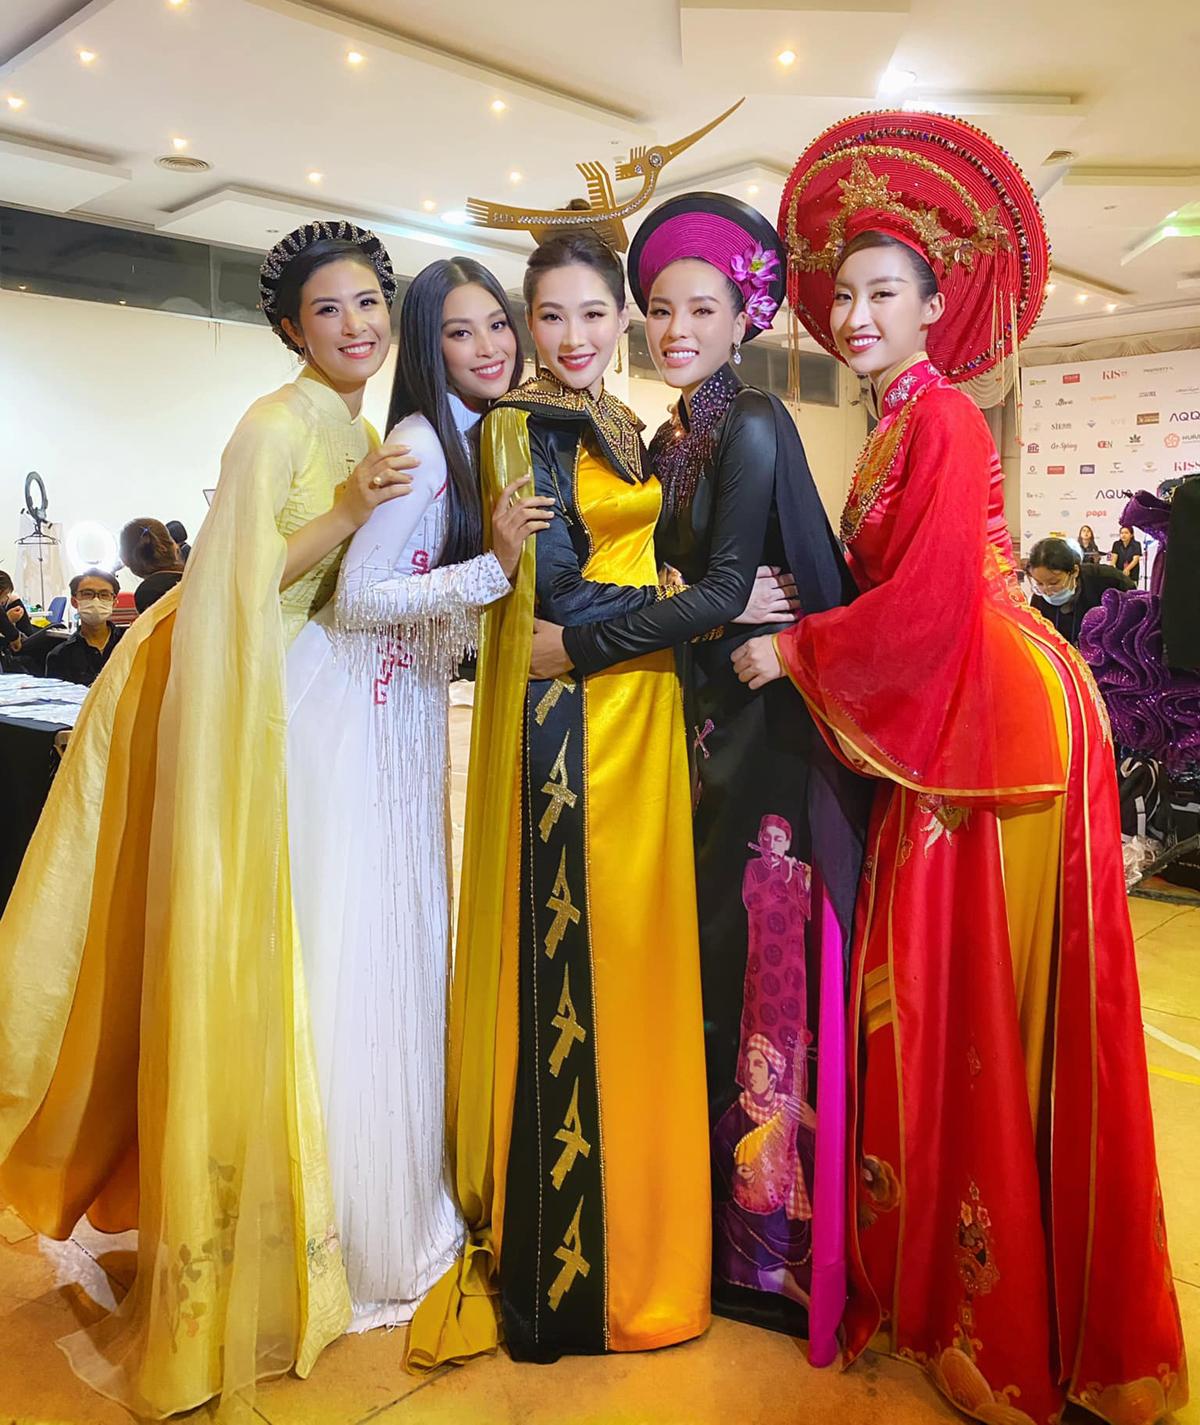 Năm Hoa hậu Việt Nam trong một thập kỷ qua gồm Ngọc Hân - Tiểu Vy - Thu Thảo - Kỳ Duyên và Mỹ Linh hội ngộ, chụp hình nhí nhảnh trong hậu trường chung kết Hoa hậu Việt Nam 2020.